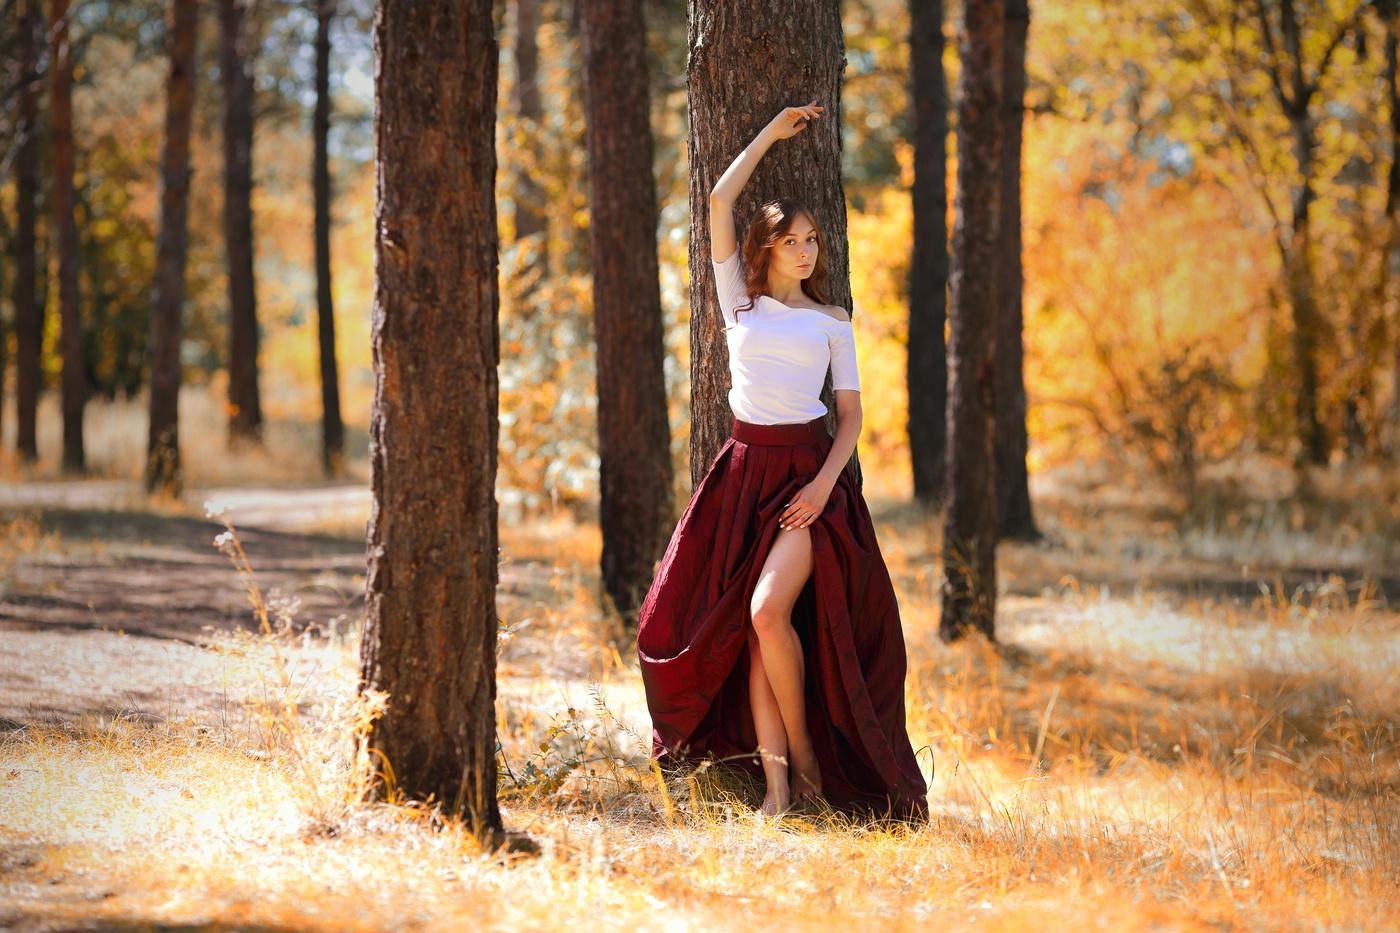 случай женские позы для фотосессии в лесу летом эктима глубокое поражение